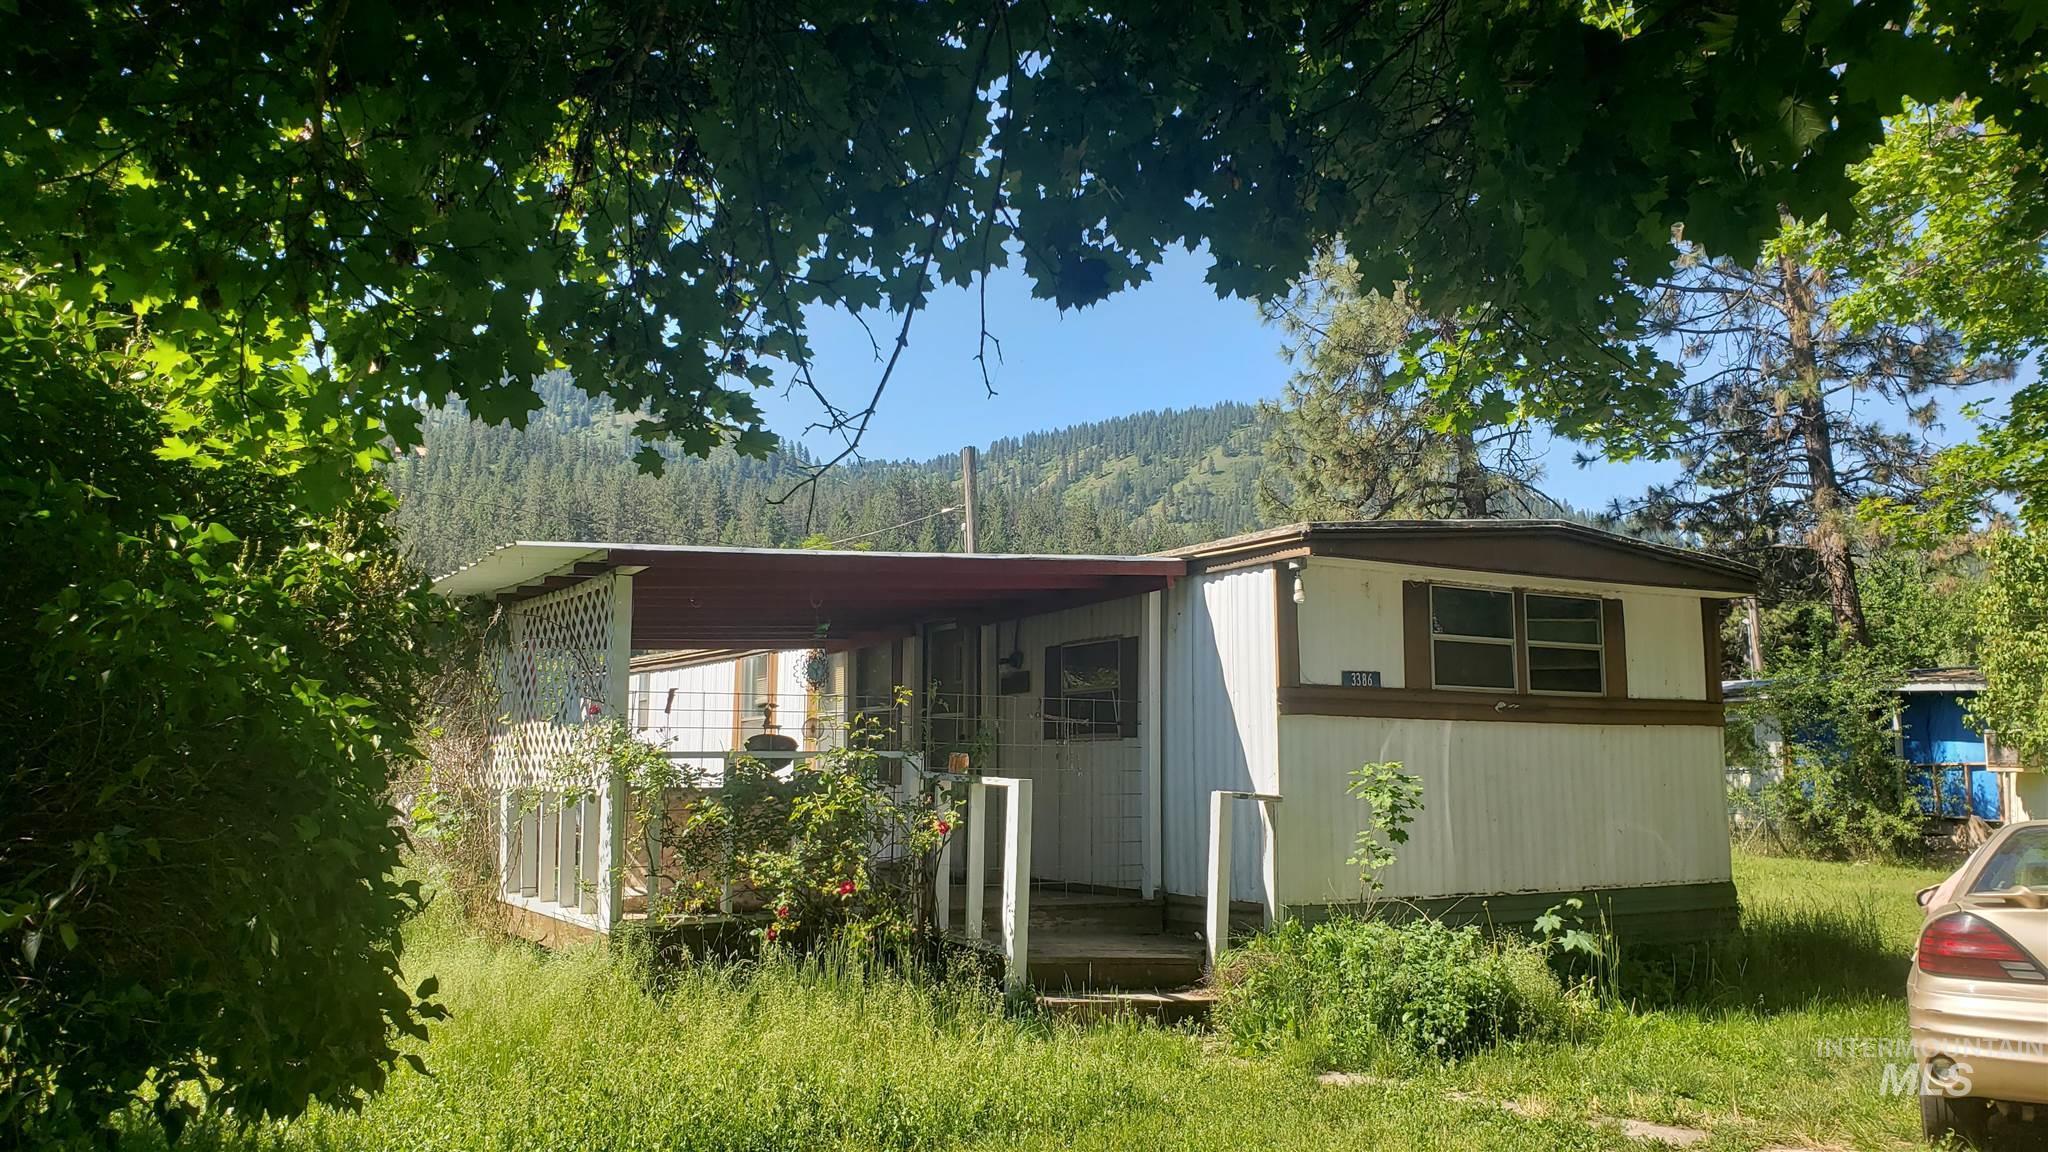 3386 Washington St Property Photo